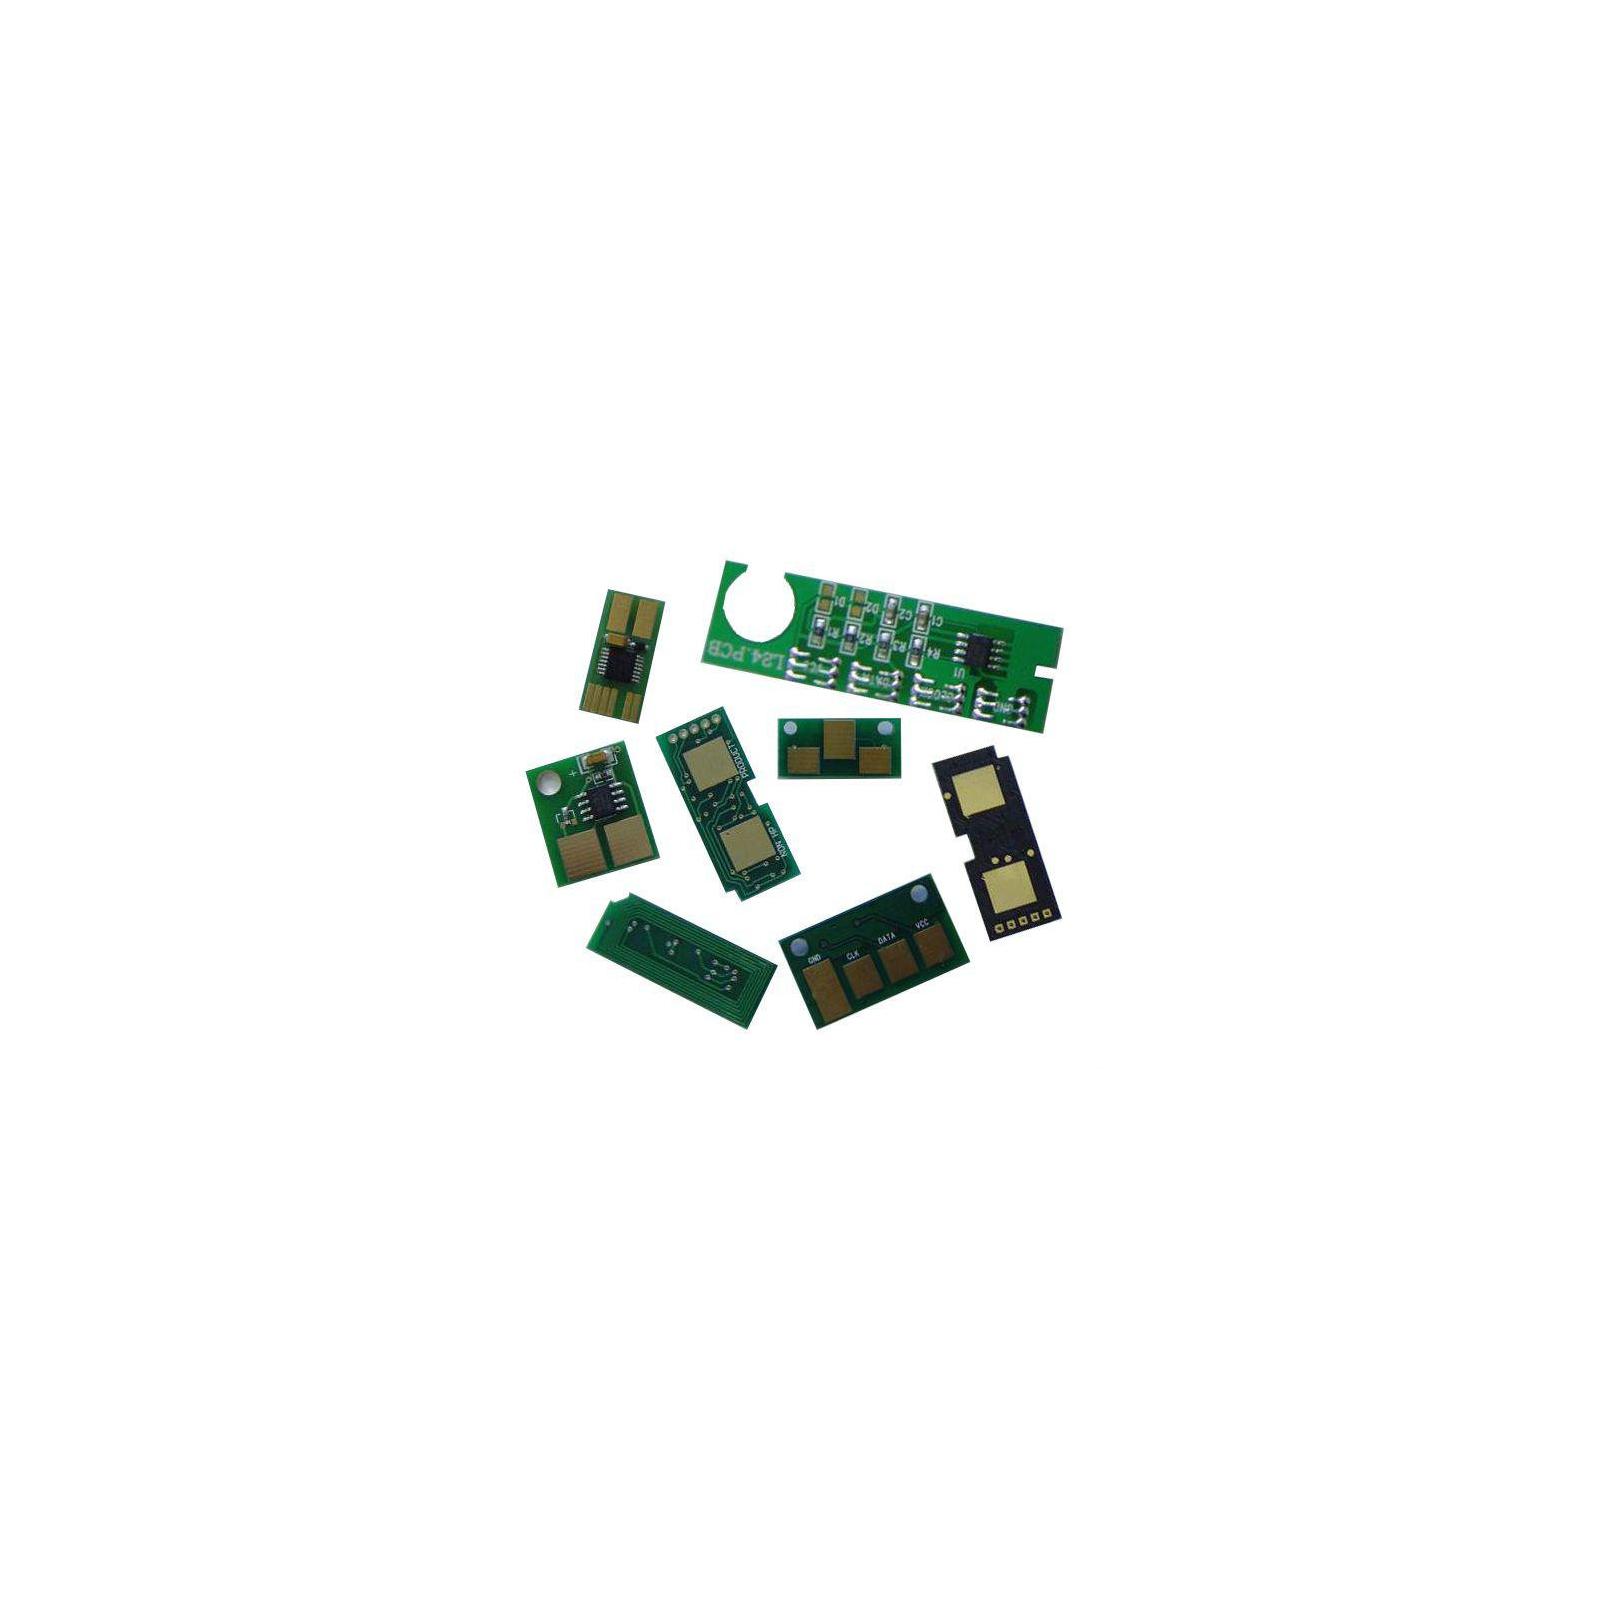 Чип для картриджа EPSON T2991 29XL ДЛЯ XP-235/335 BLACK Apex (CHIP-EPS-T2991-B)